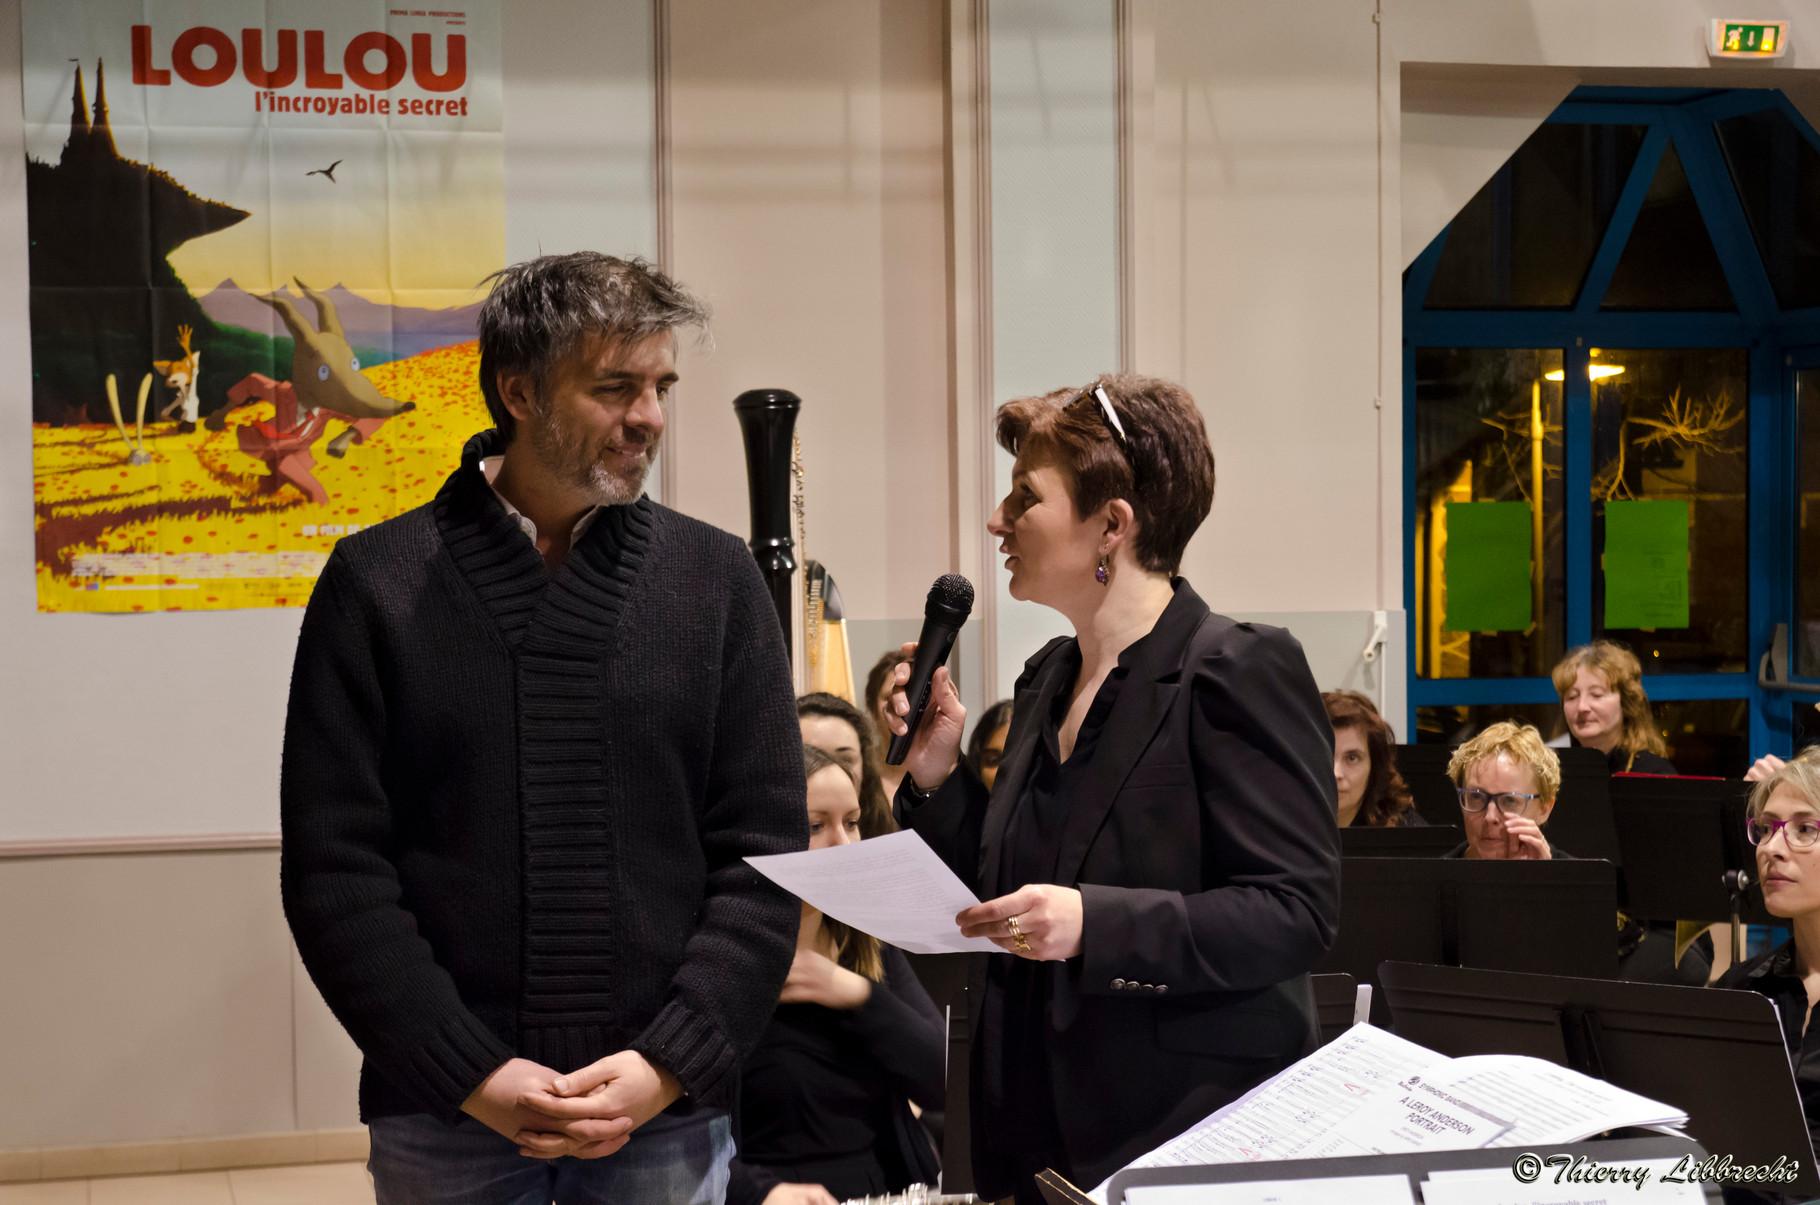 Blandine, la présidente et le compositeur de Loulou, Laurent Perez Del Mar